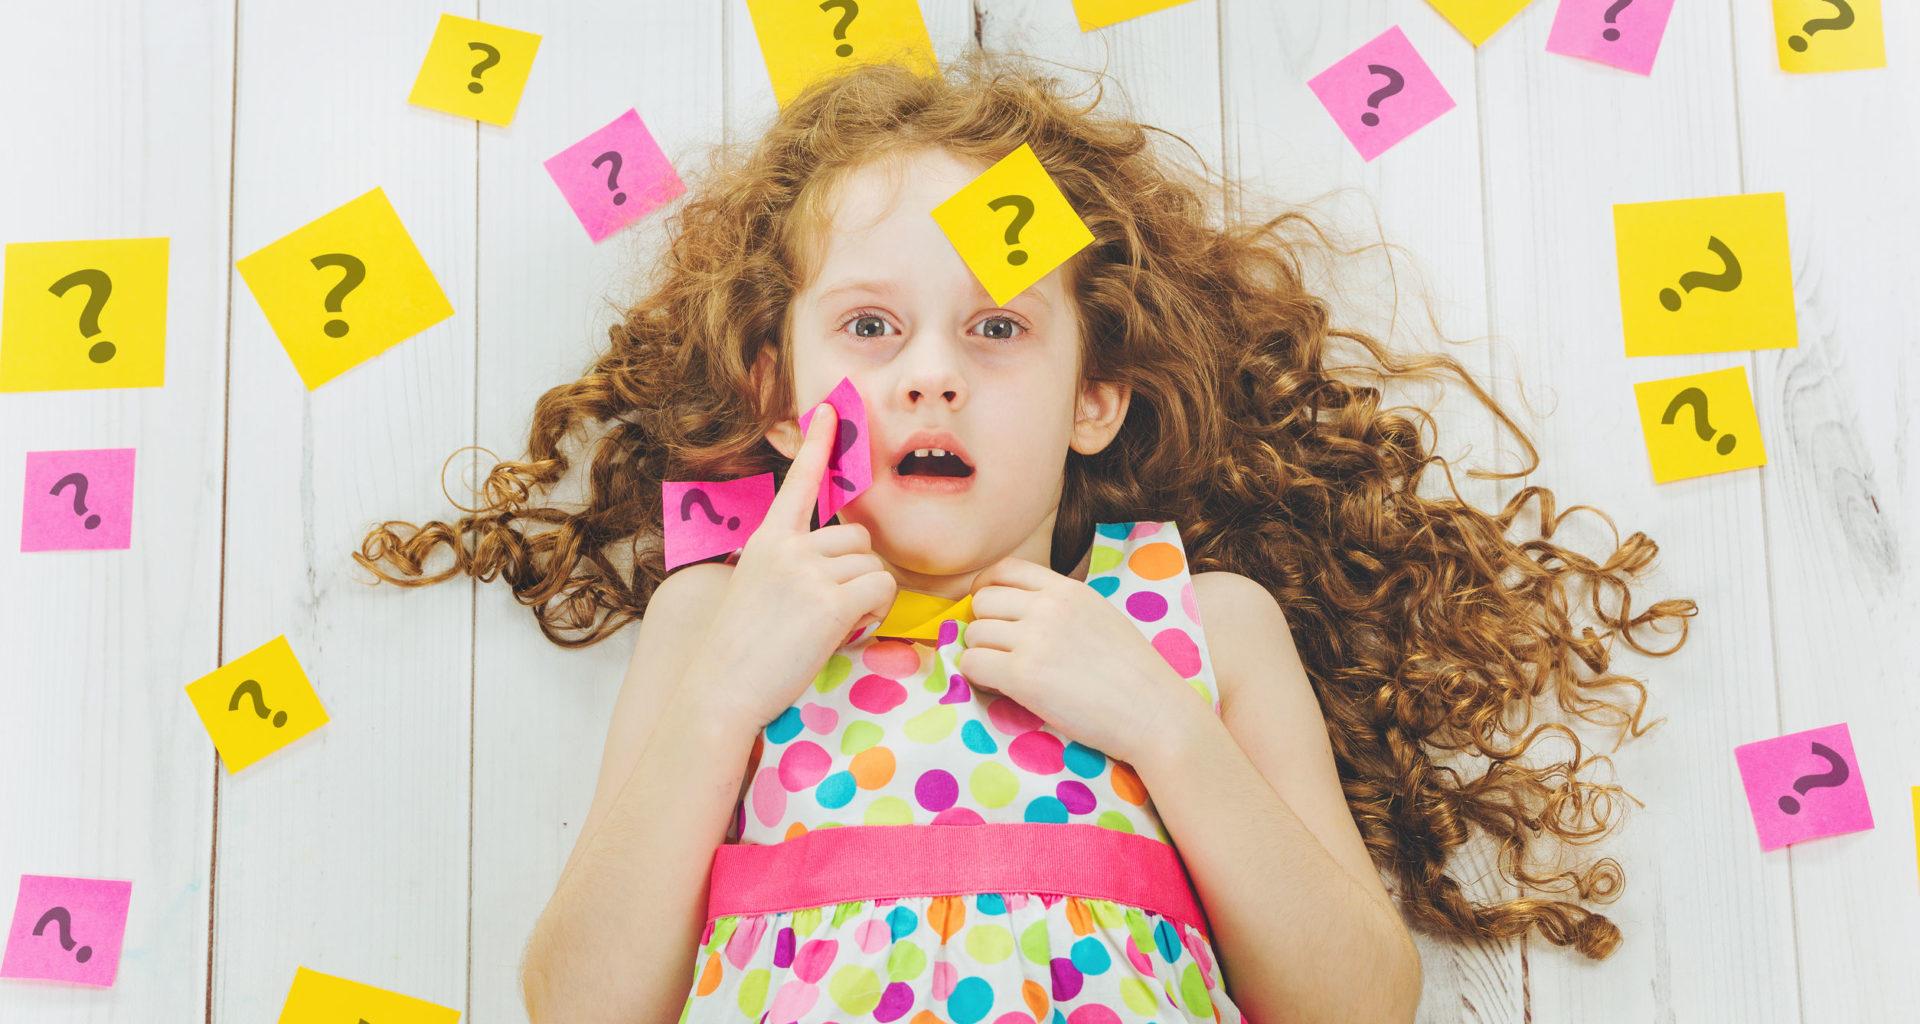 вопросы у детей